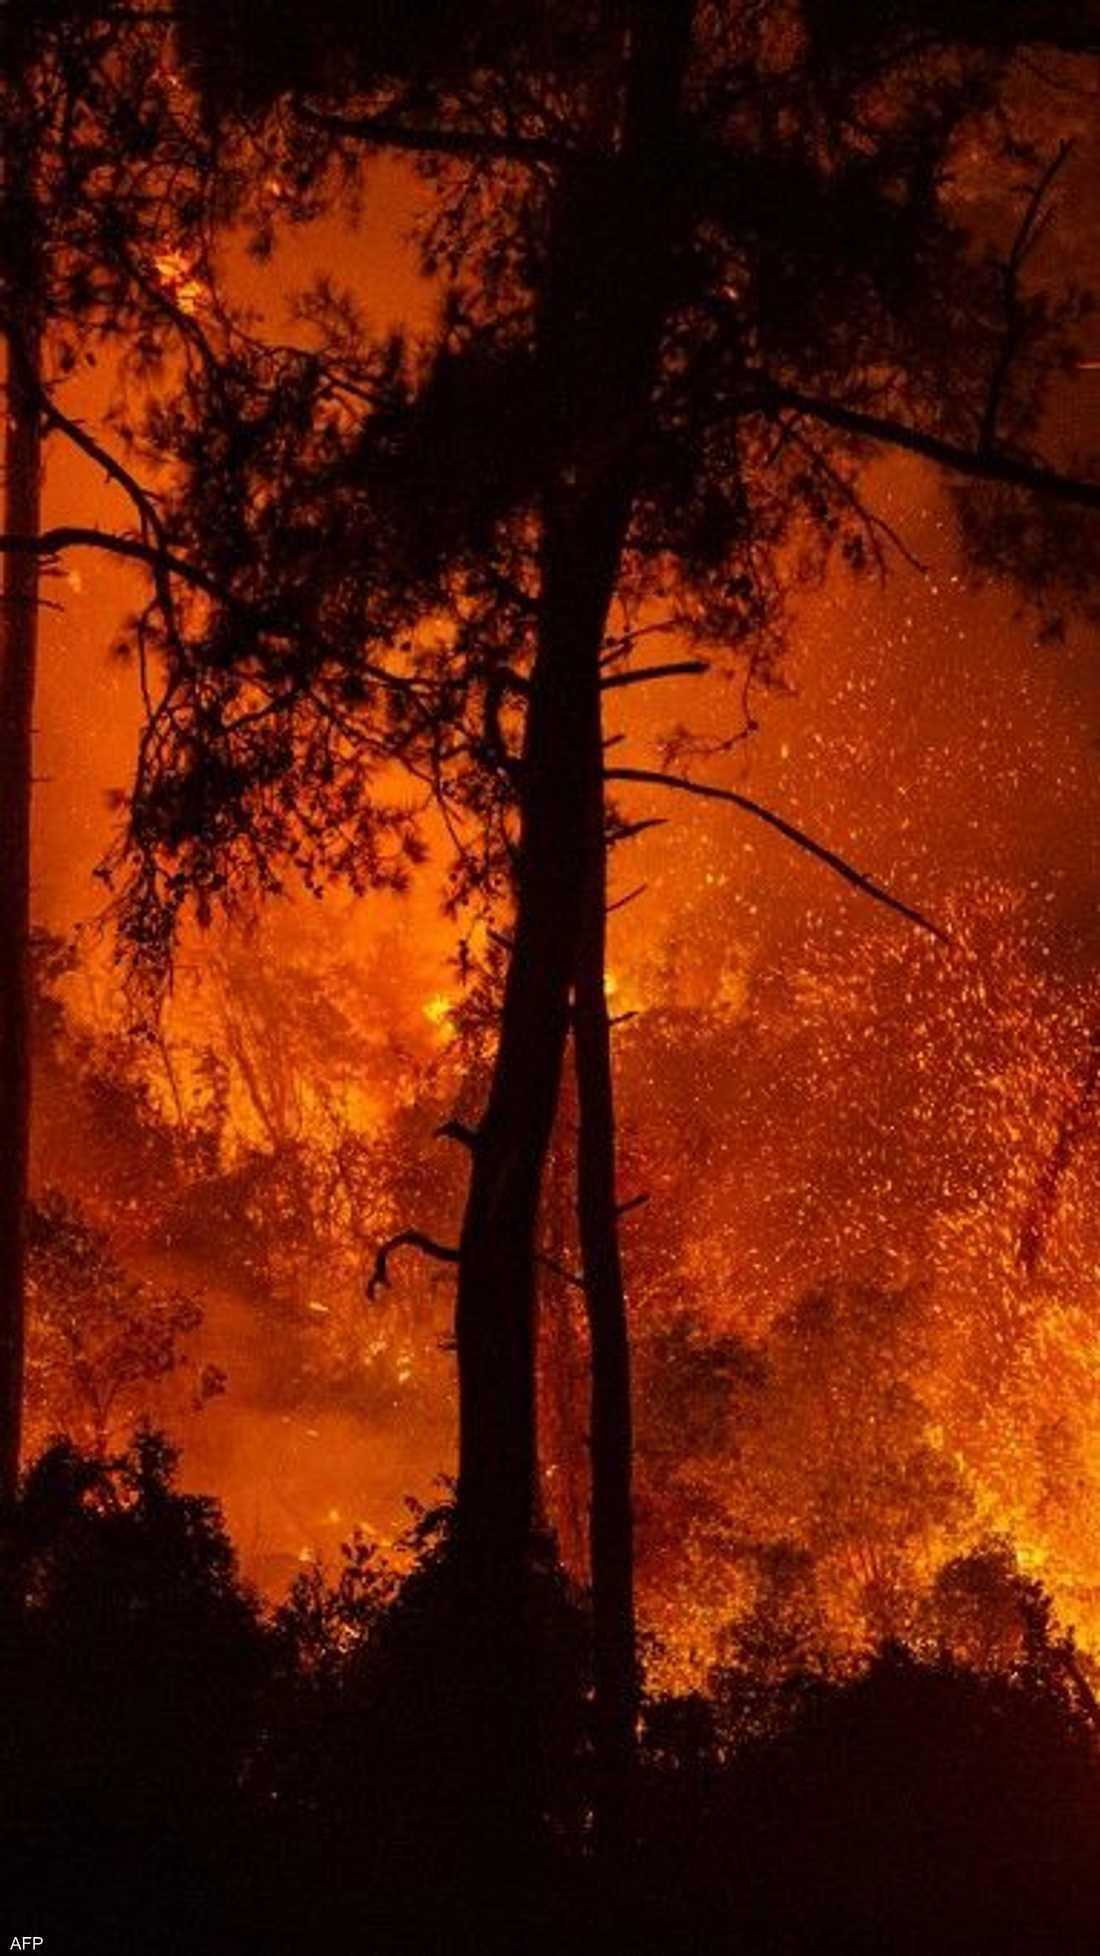 في واحدة من أسوأ الكوارث البيئية على الإطلاق، يتواصل اندلاع حرائق الغابات في منطقة شرق البحر المتوسط، من تركيا إلى اليونان وإيطاليا.